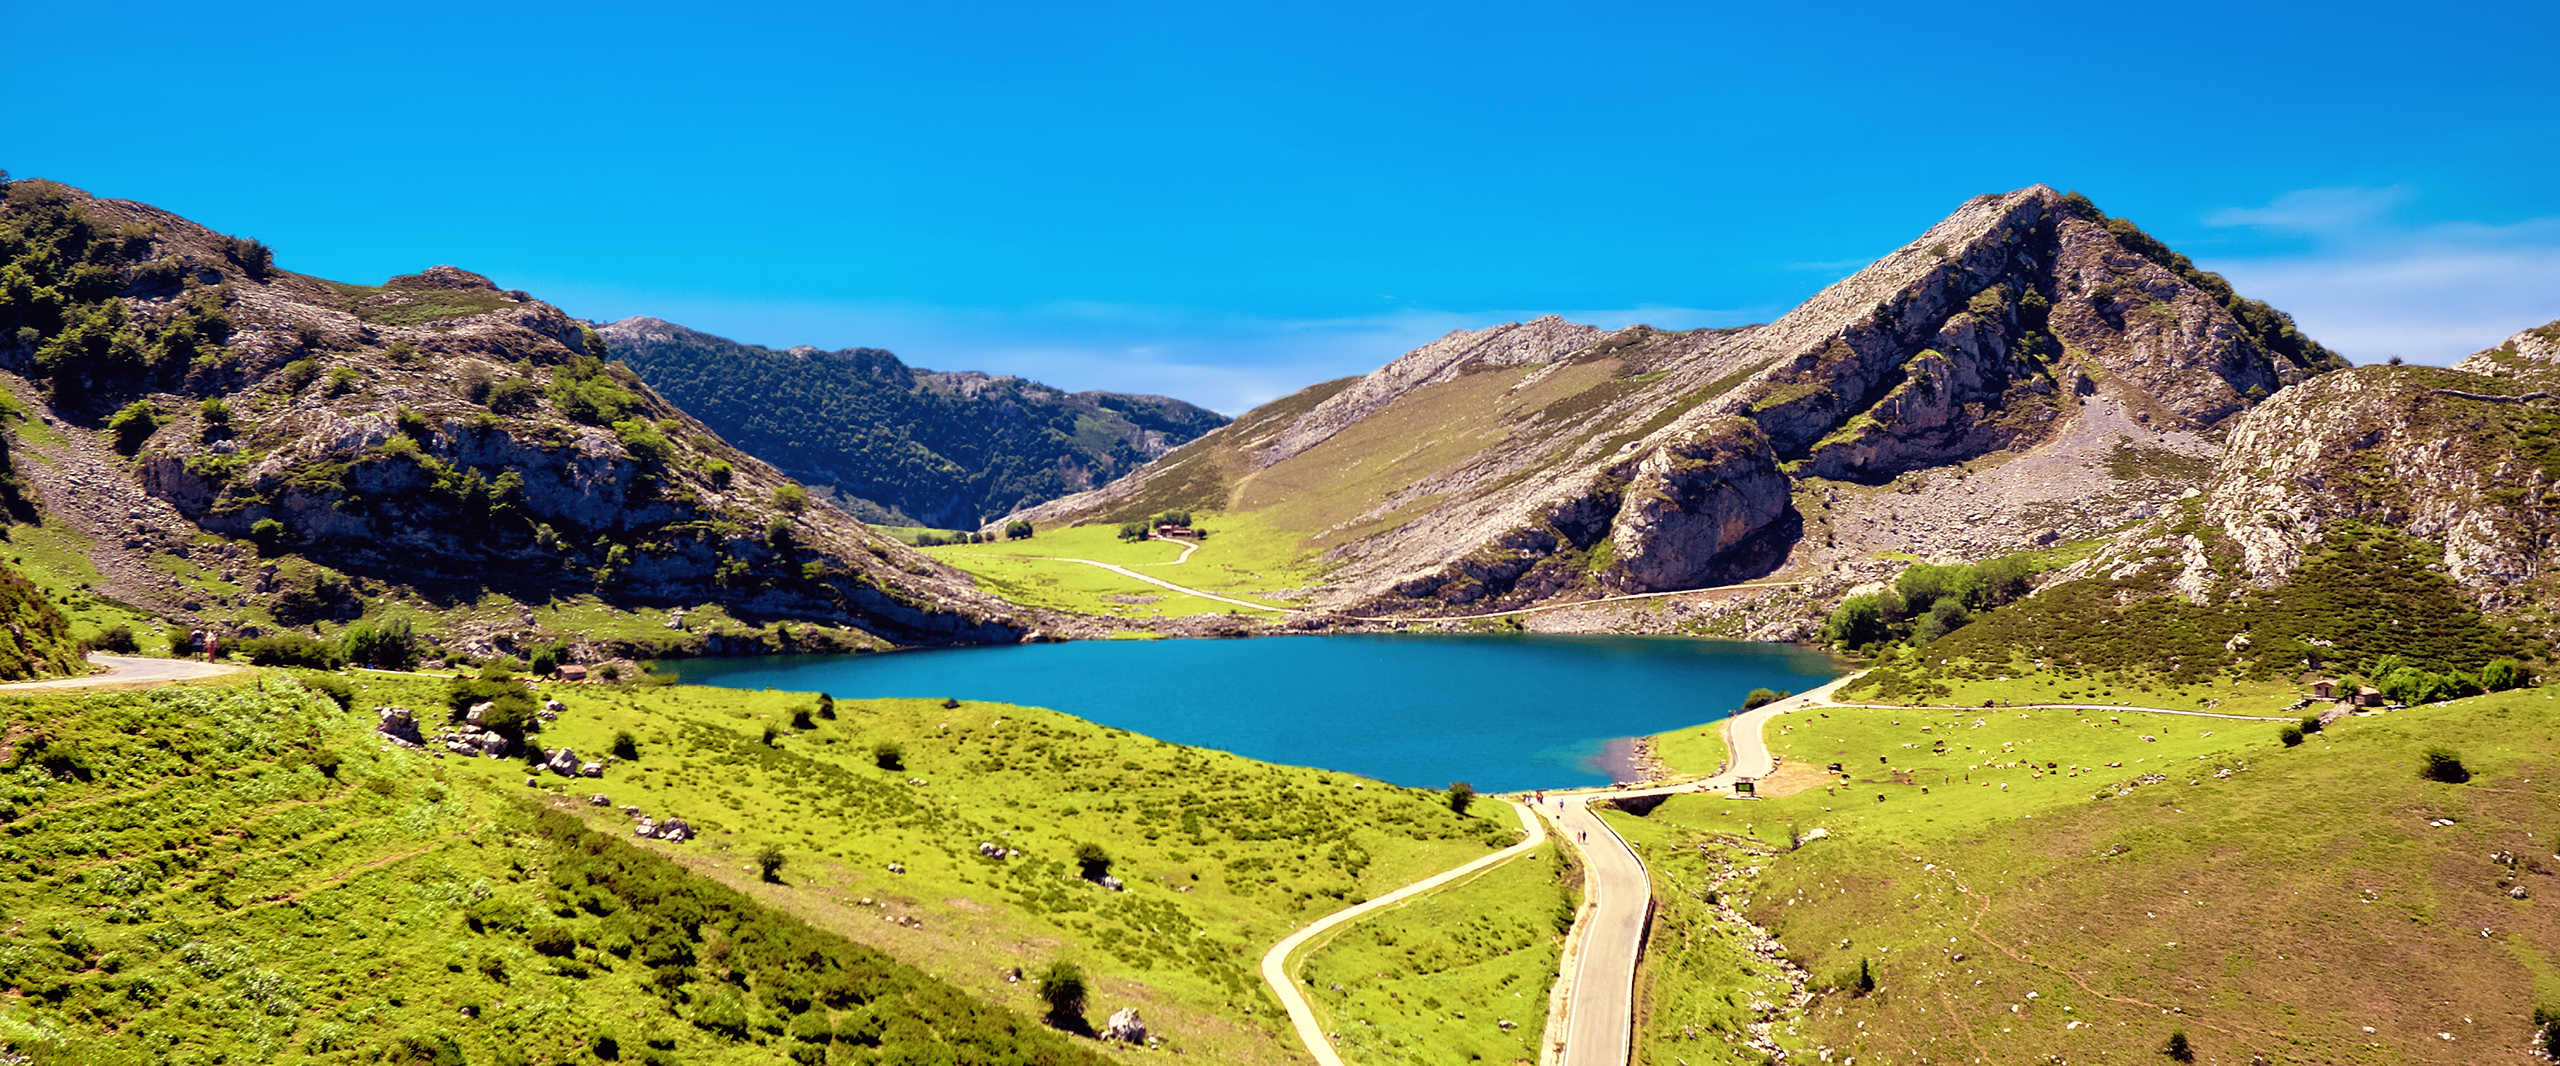 Blauer See inmitten einer Berglandschaft